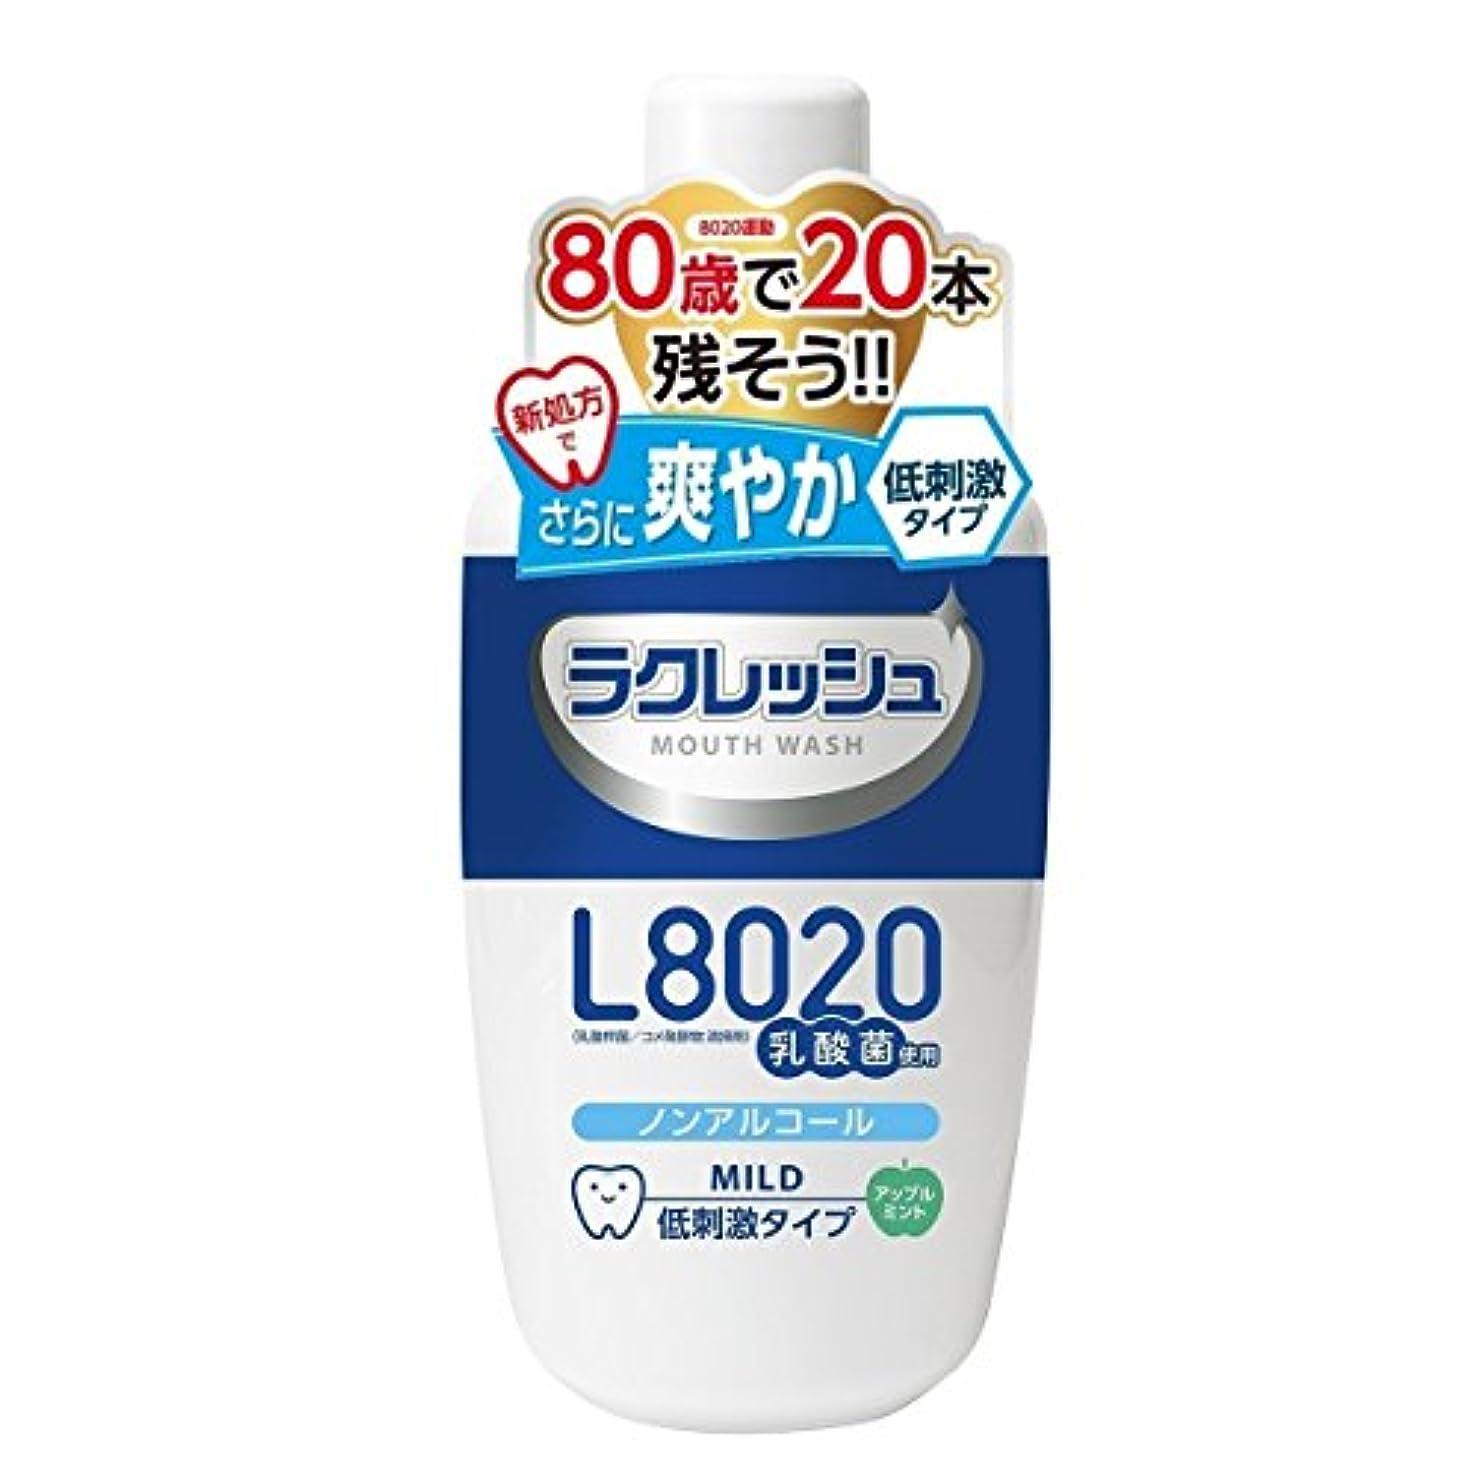 ベーカリーずらす一月○ ラクレッシュ L8020菌使用 マウスウォッシュ ノンアルコールタイプ 300mL×48個セット 2ケース分